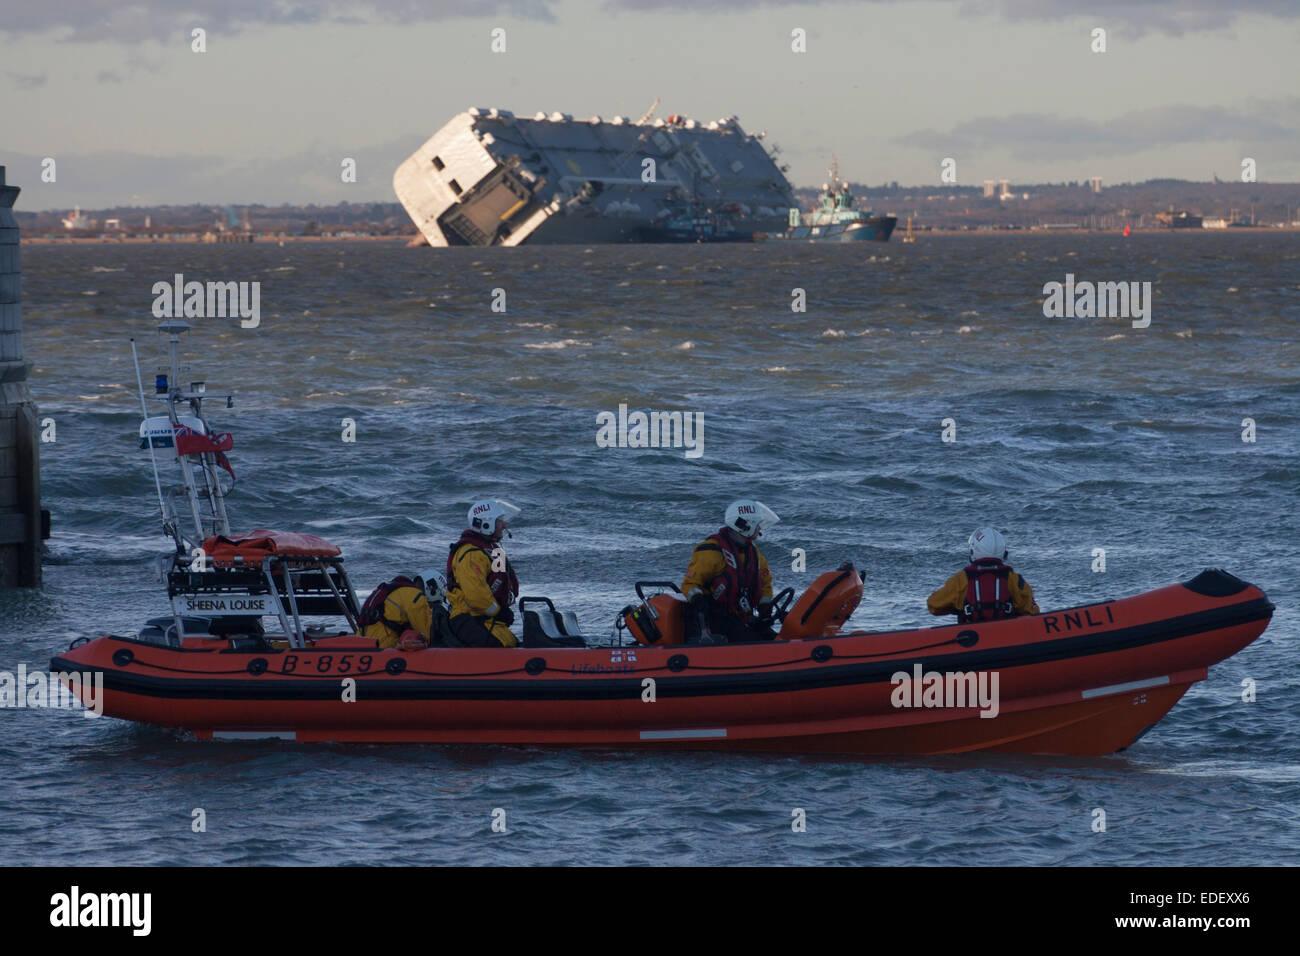 Cowes, île de Wight. 6 janvier, 2015. La vie continue dans le Solent. La RNLI Lifeboat côtière se Photo Stock